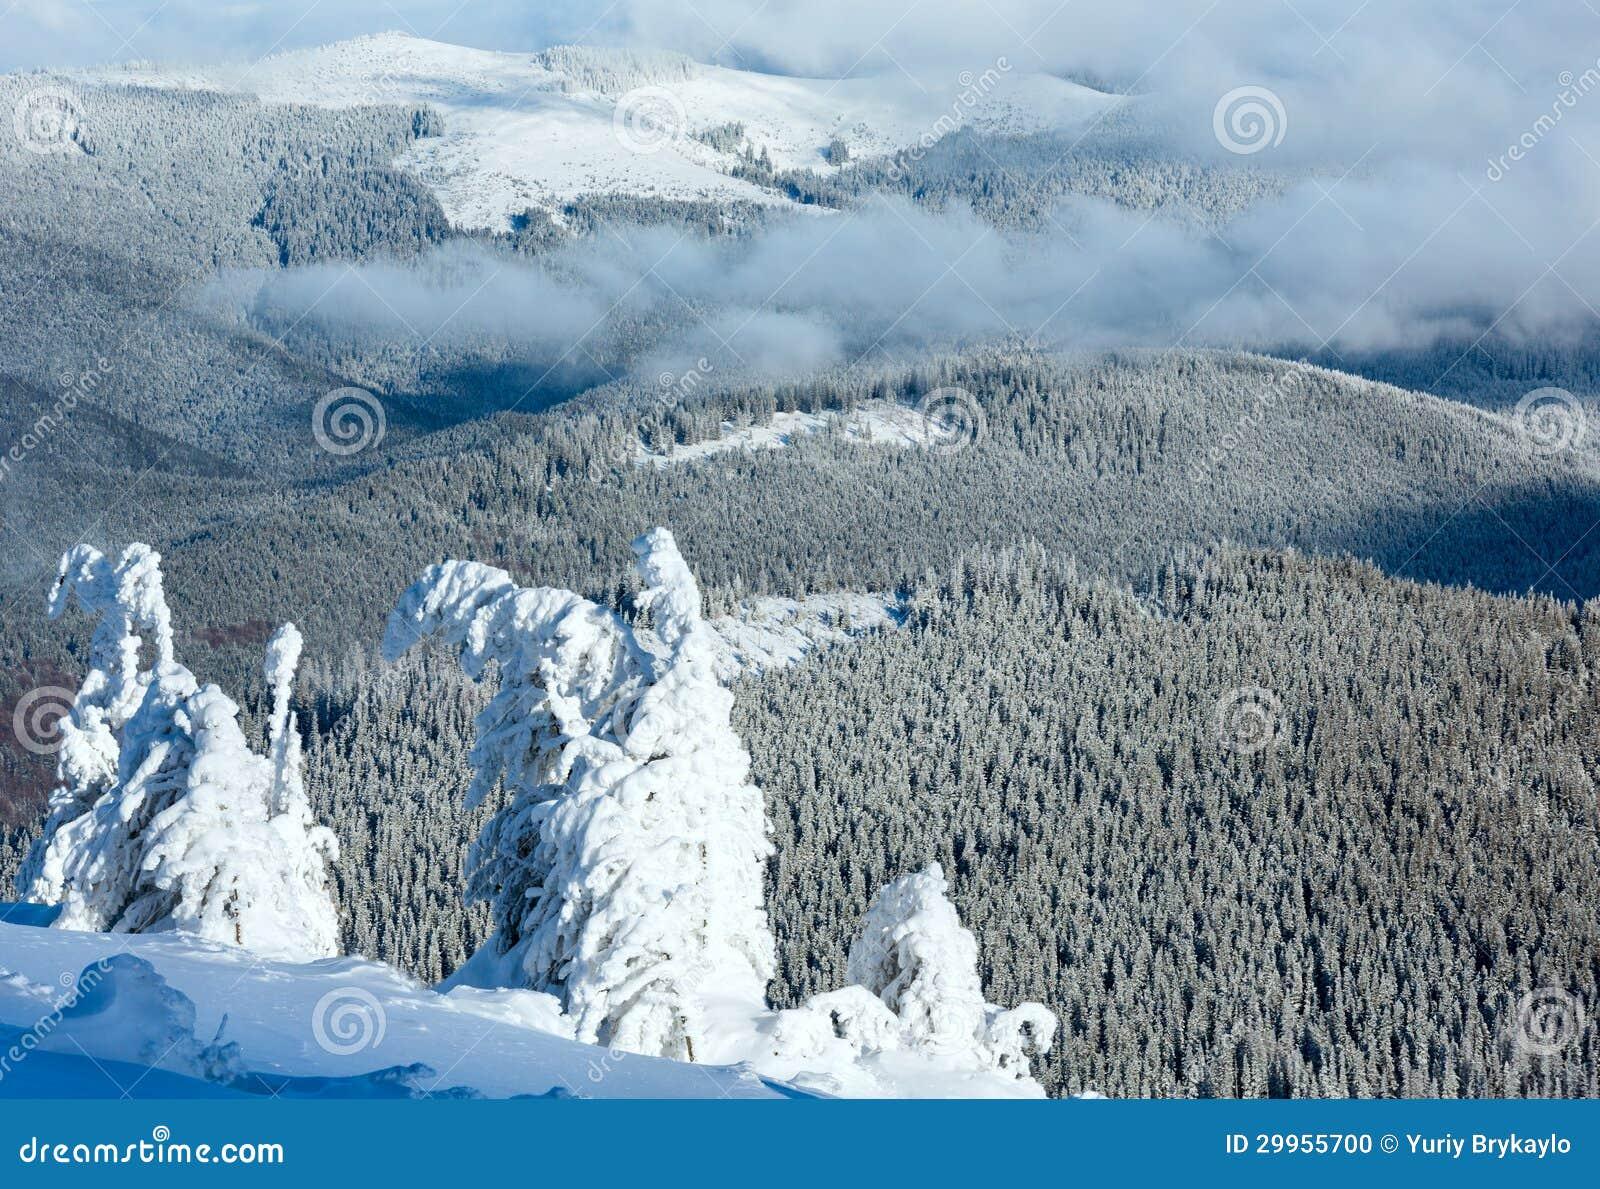 Wintergebirgslandschaft mit schneebedeckten Bäumen